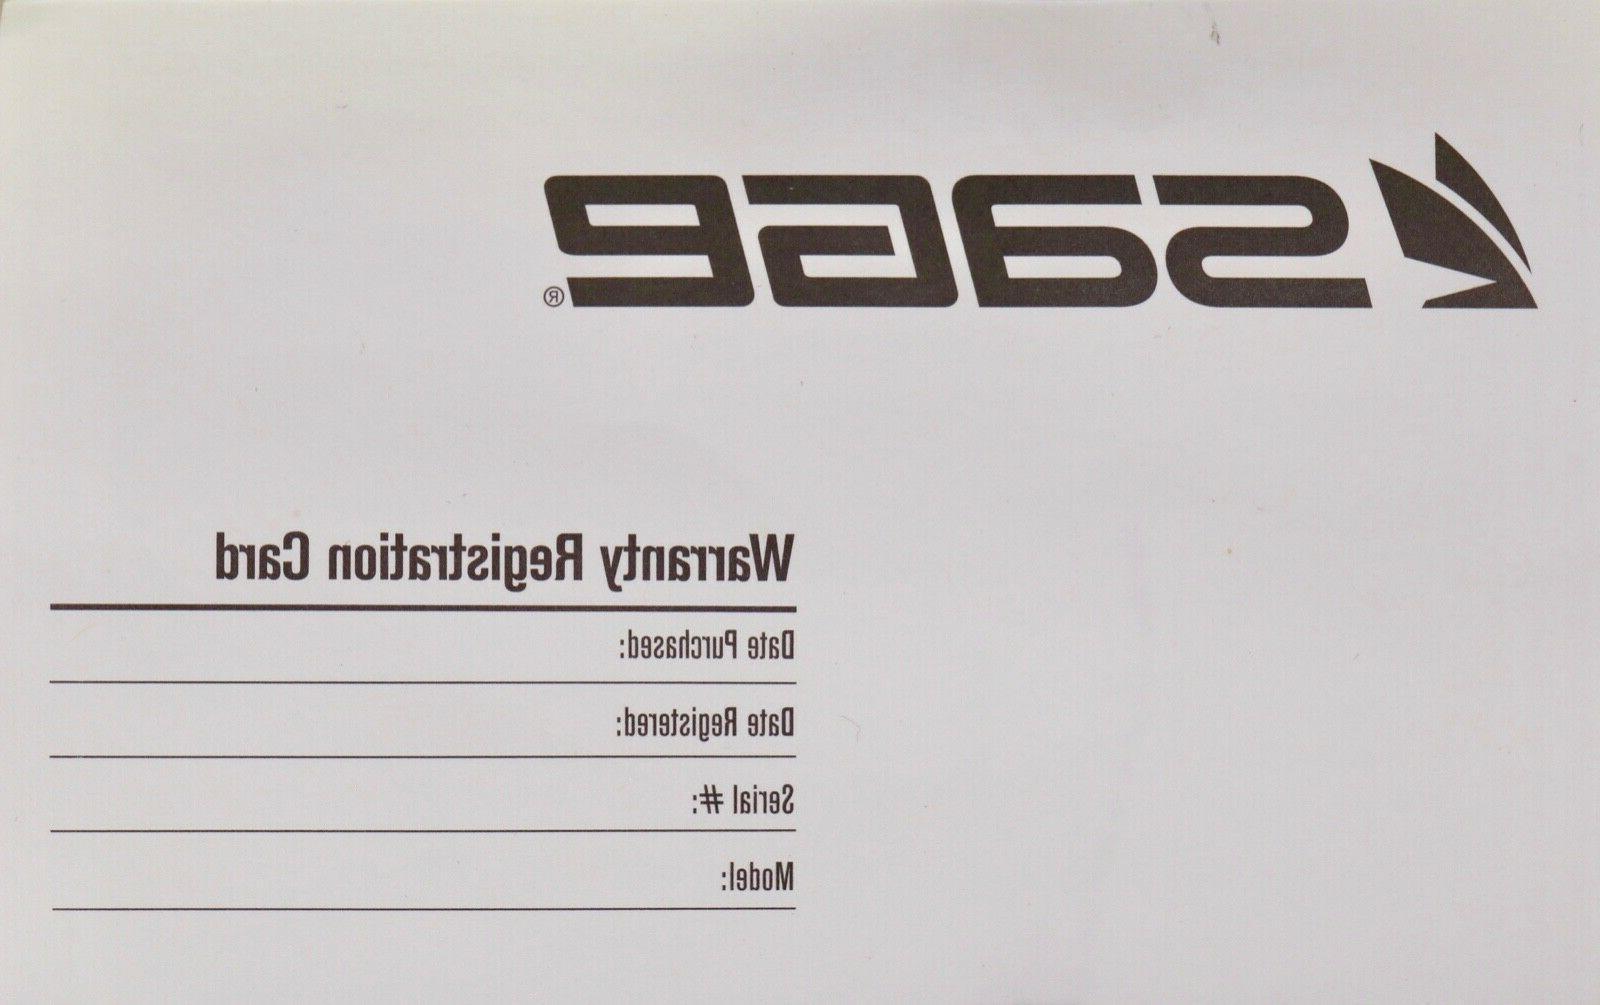 Sage Fly 9 FT 4 - FREE - FREE